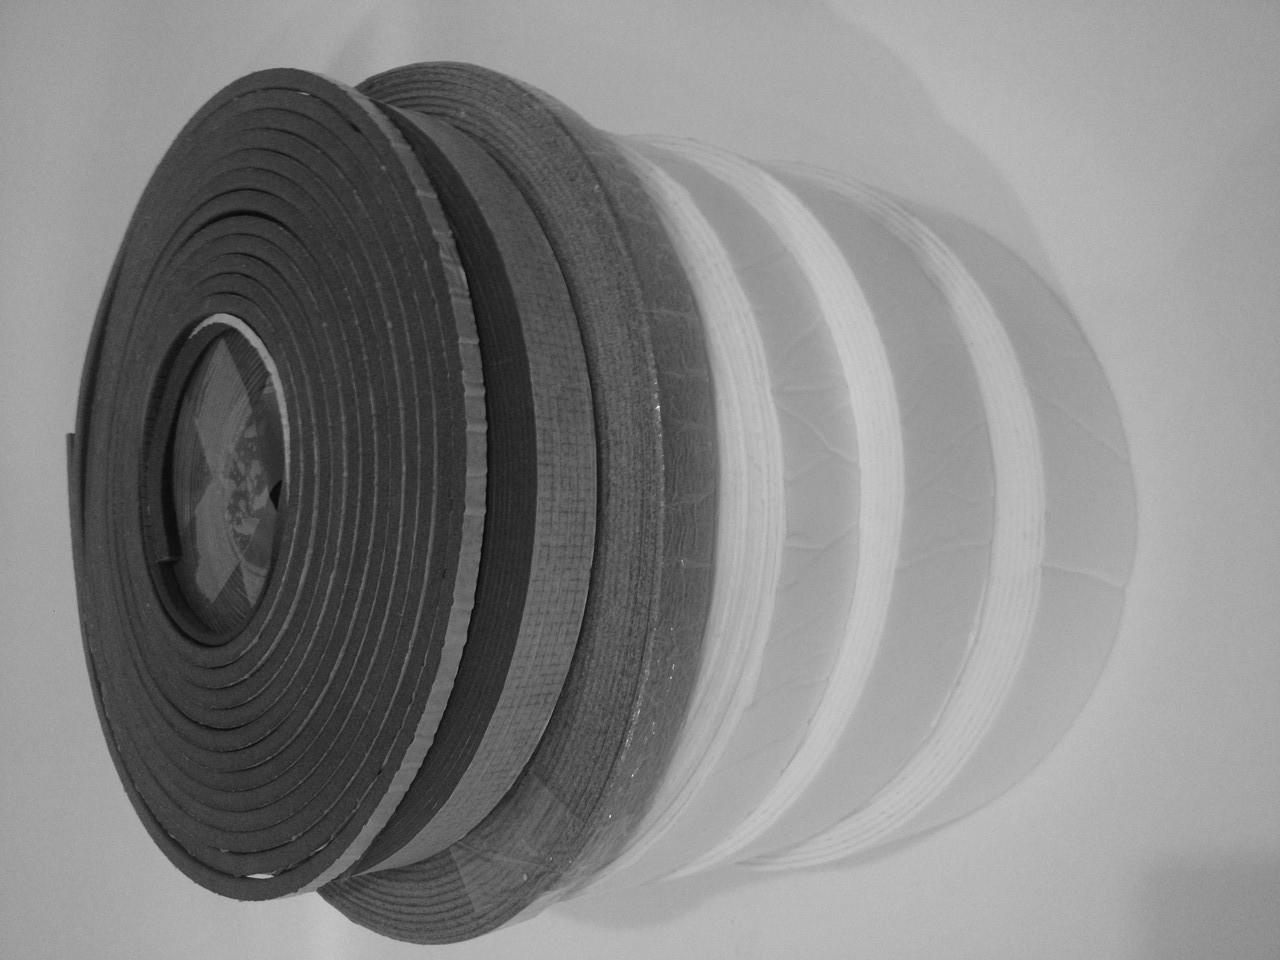 Звукоізоляційна стрічка ППЕ (Діхтунг) товщина 3 мм (30 мм*30 м)